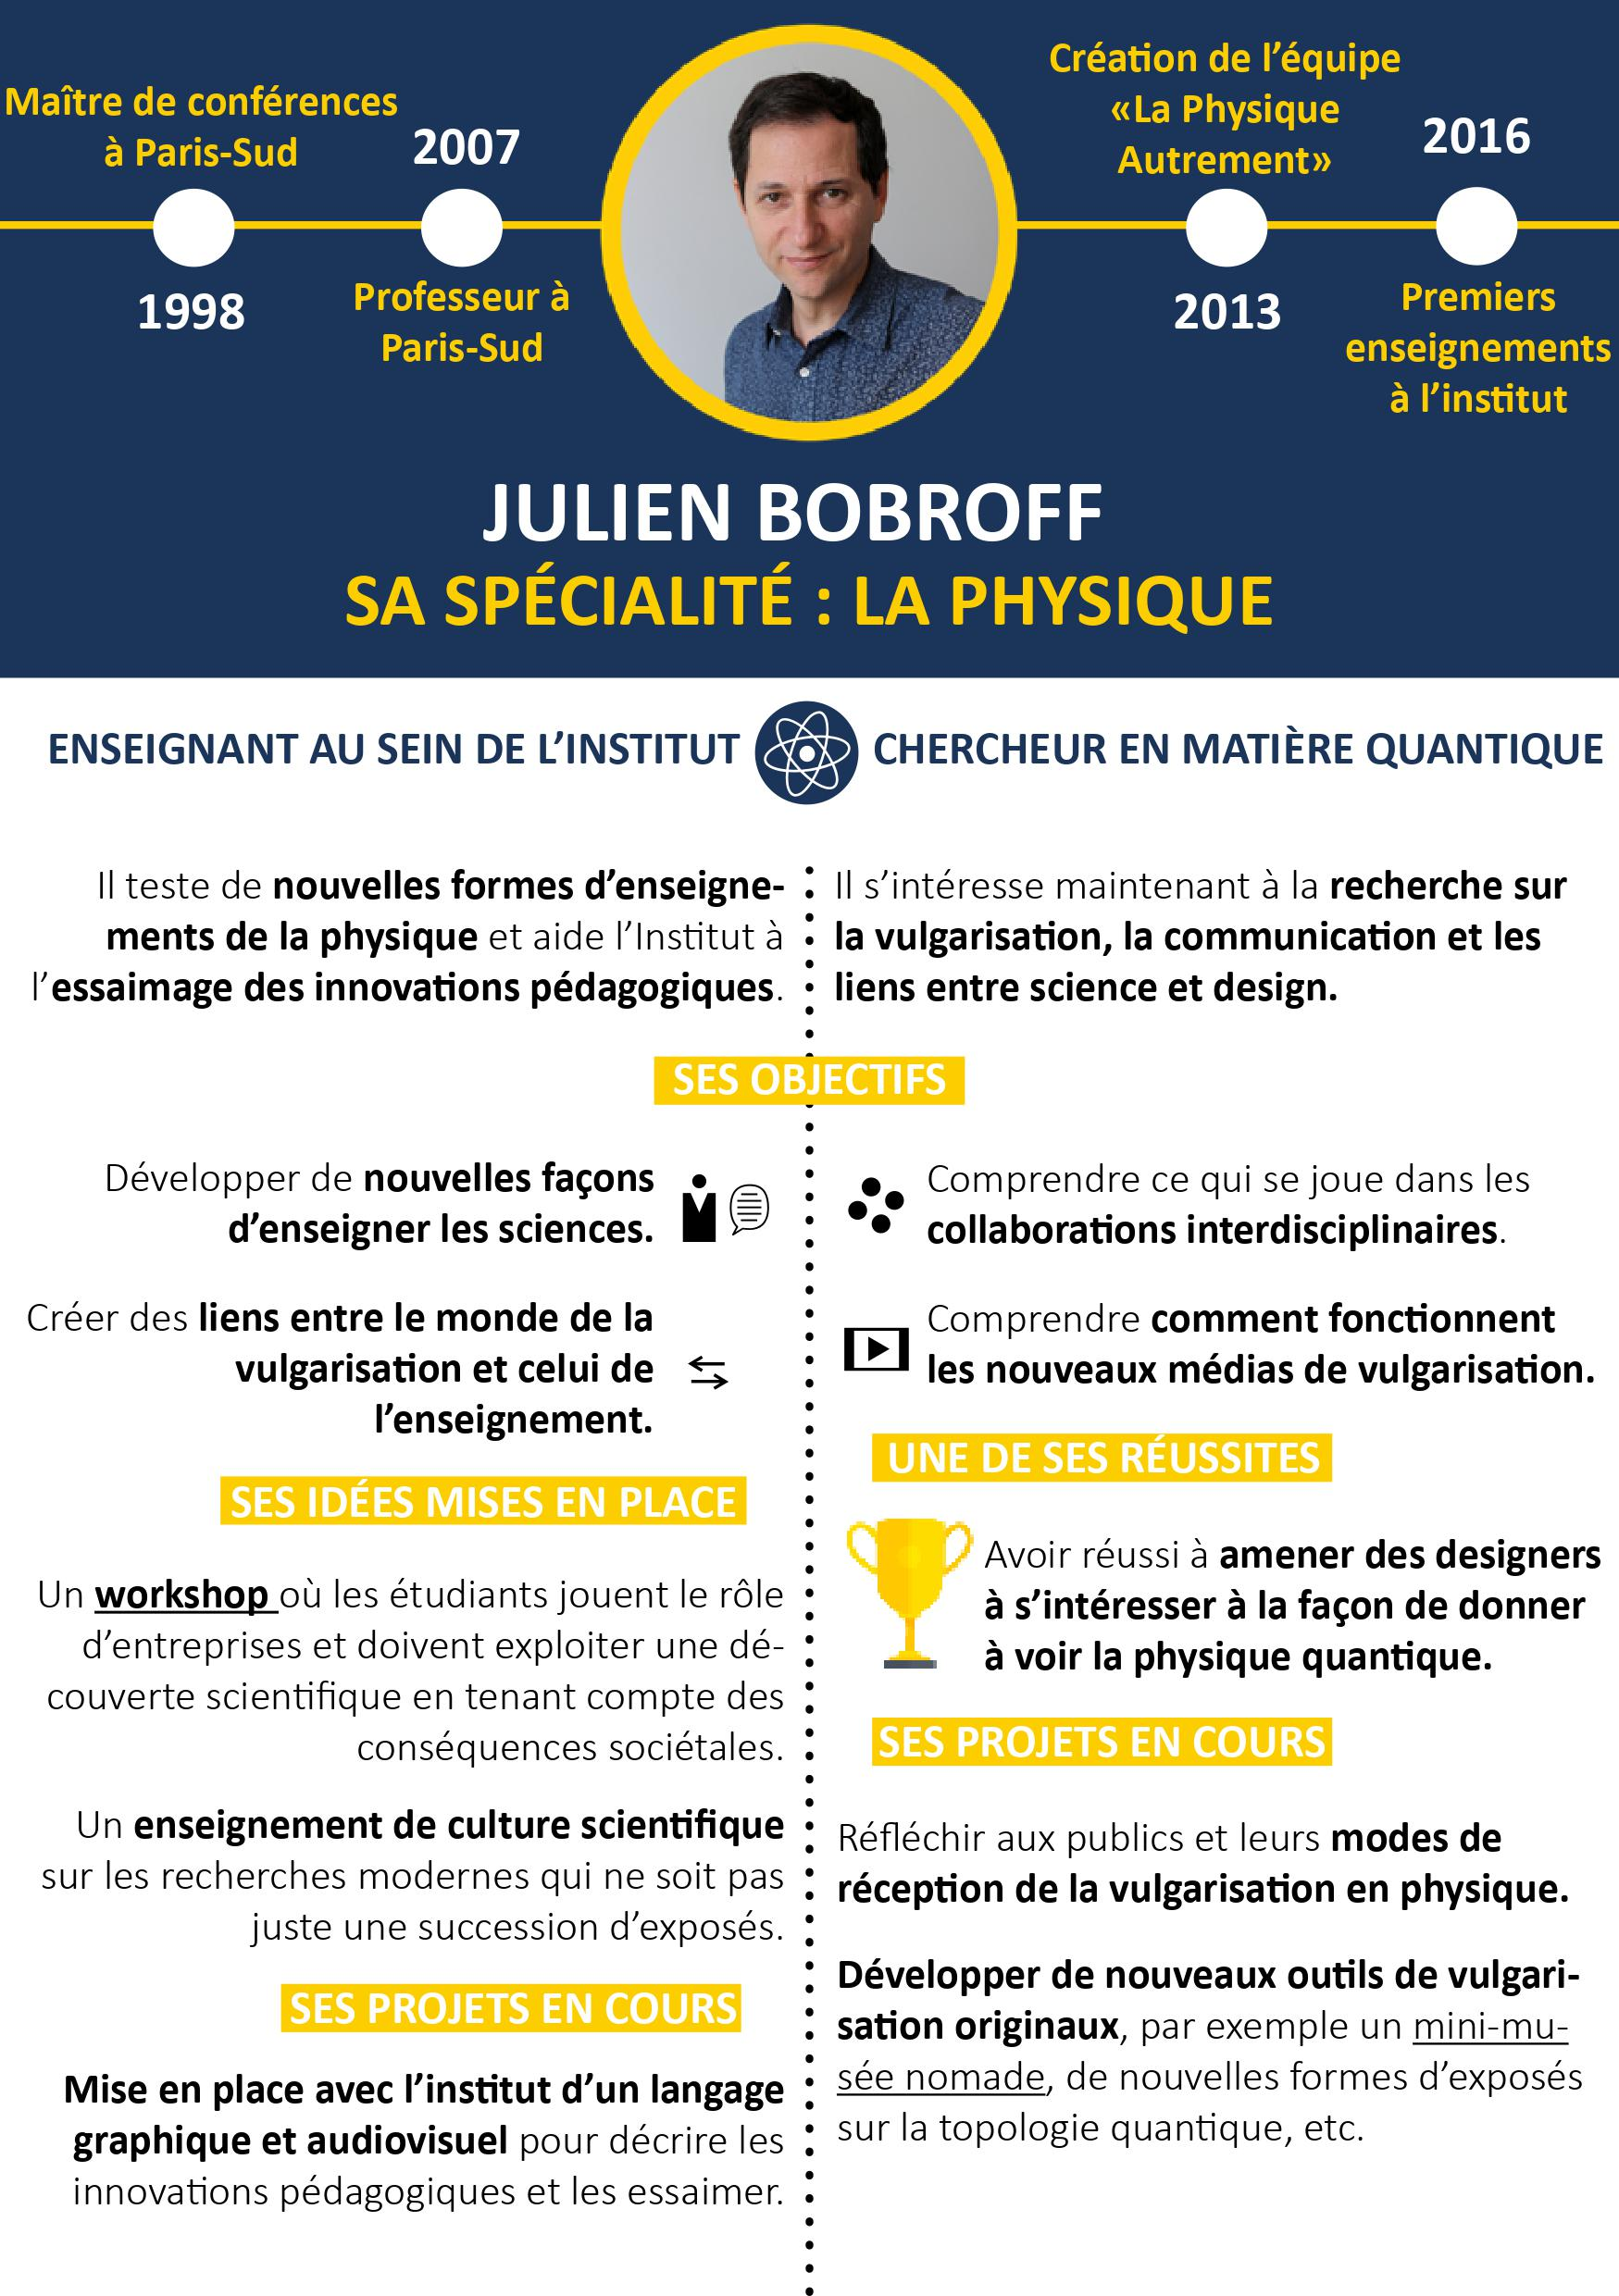 fiche de présentation de Julien Bobroff